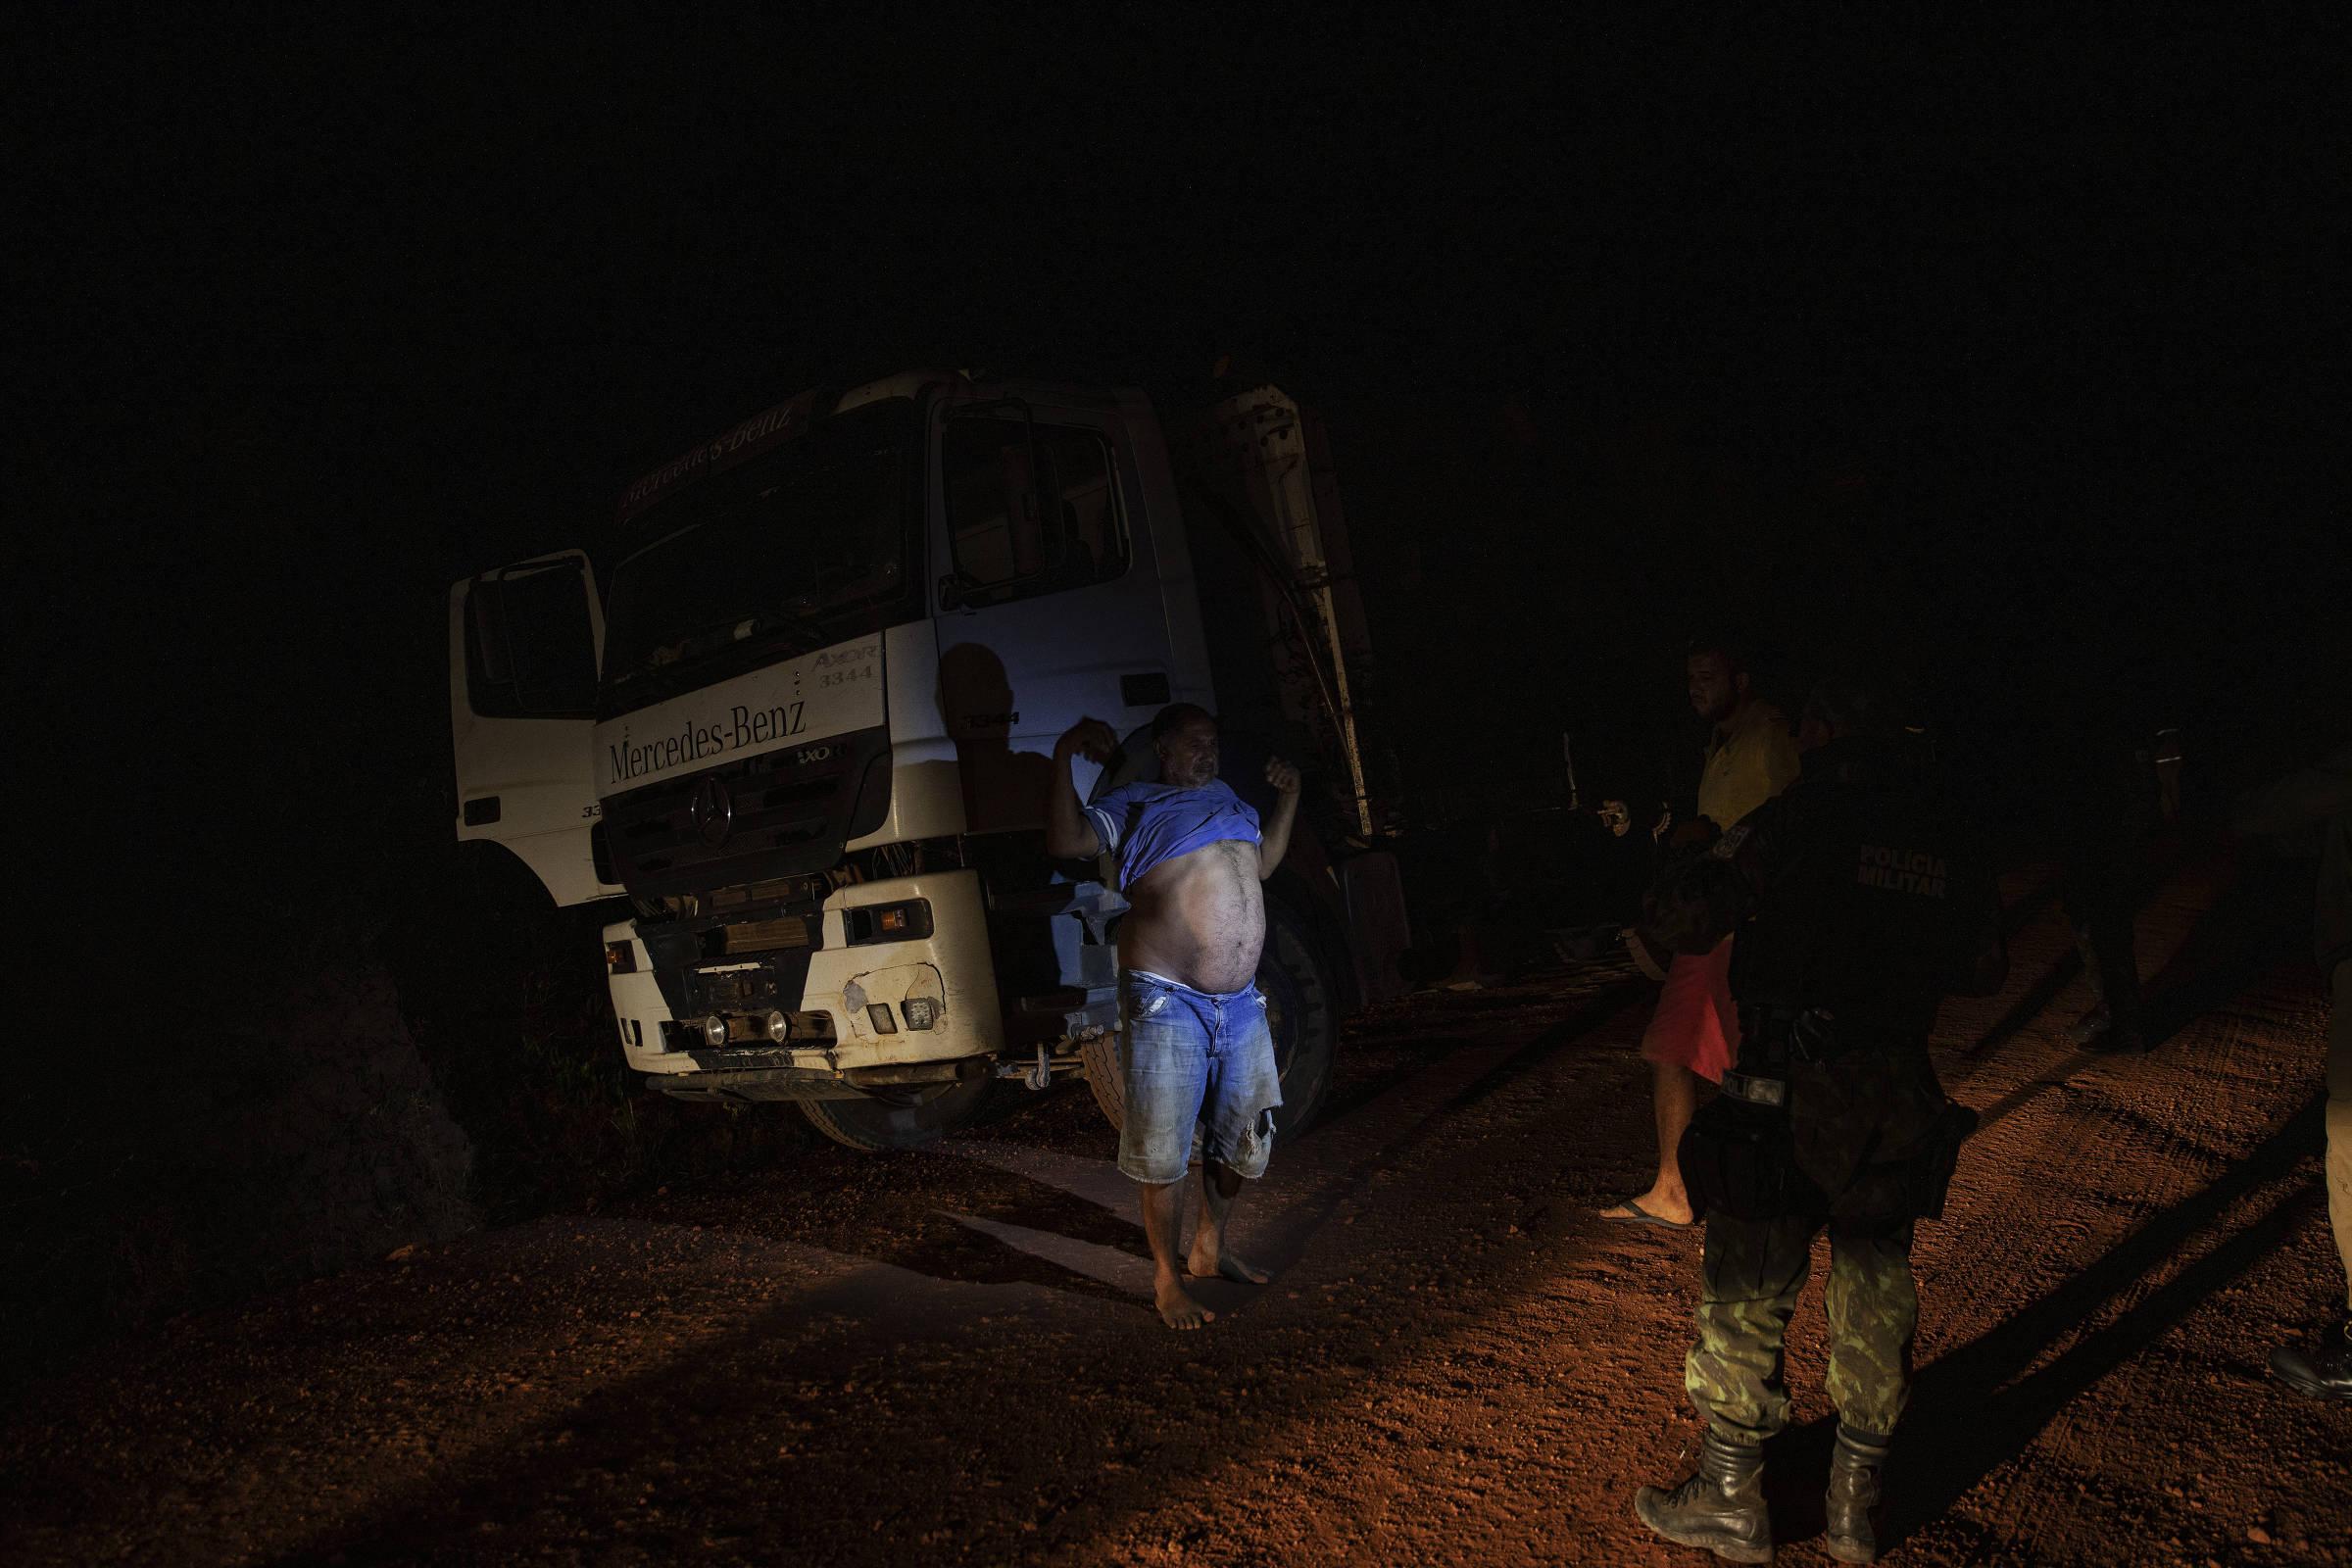 Fiscais da Secretaria Estadual do Meio Ambiente do Pará, com o apoio da PM, interceptam caminhão que transportava carga de madeira ilegal